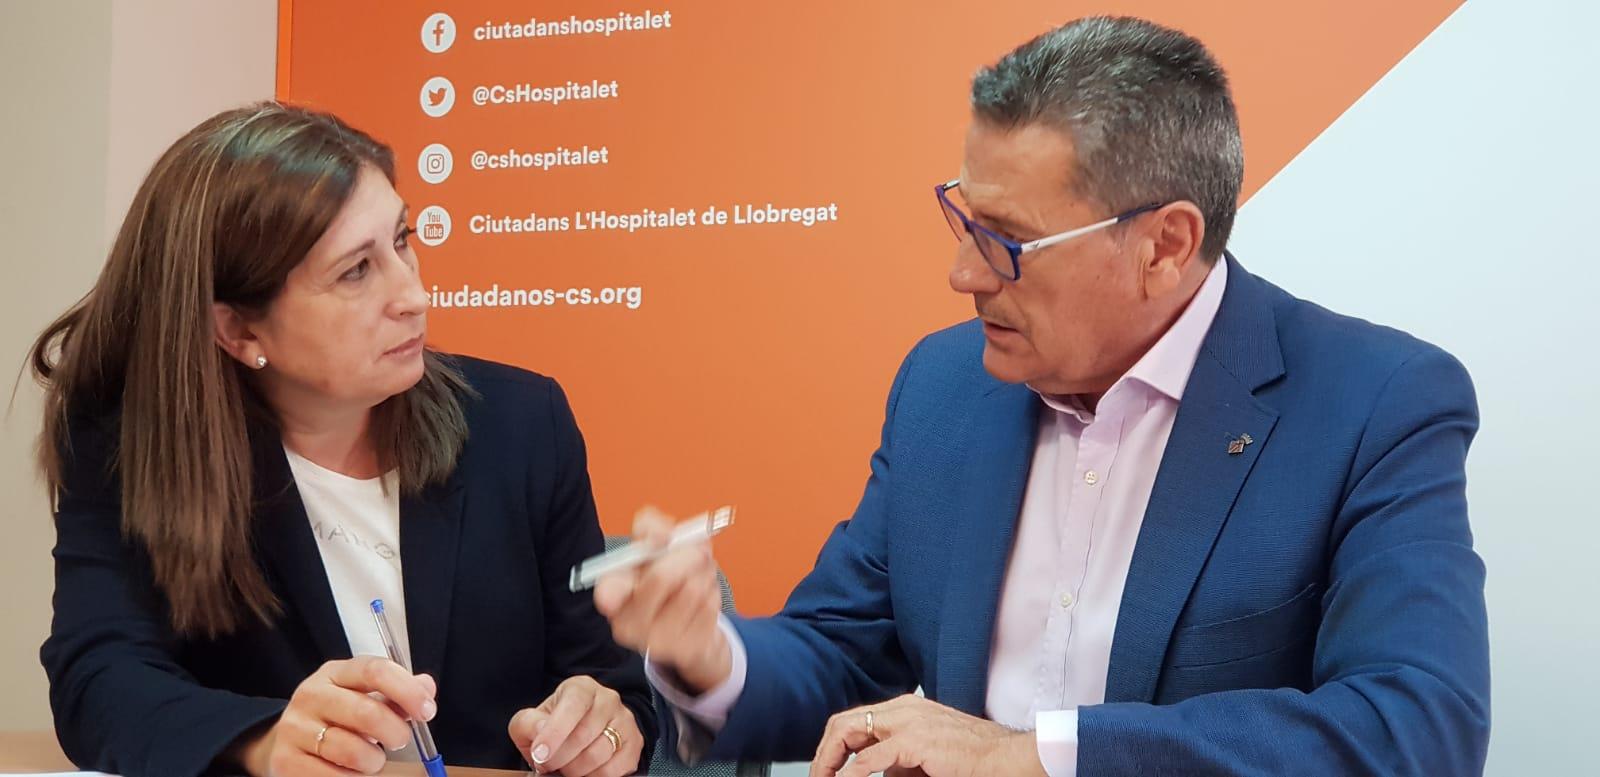 Miguel García, portavoz de Cs lHospitalet, junto a Fernanda Sánchez, nueva militante de la agrupación